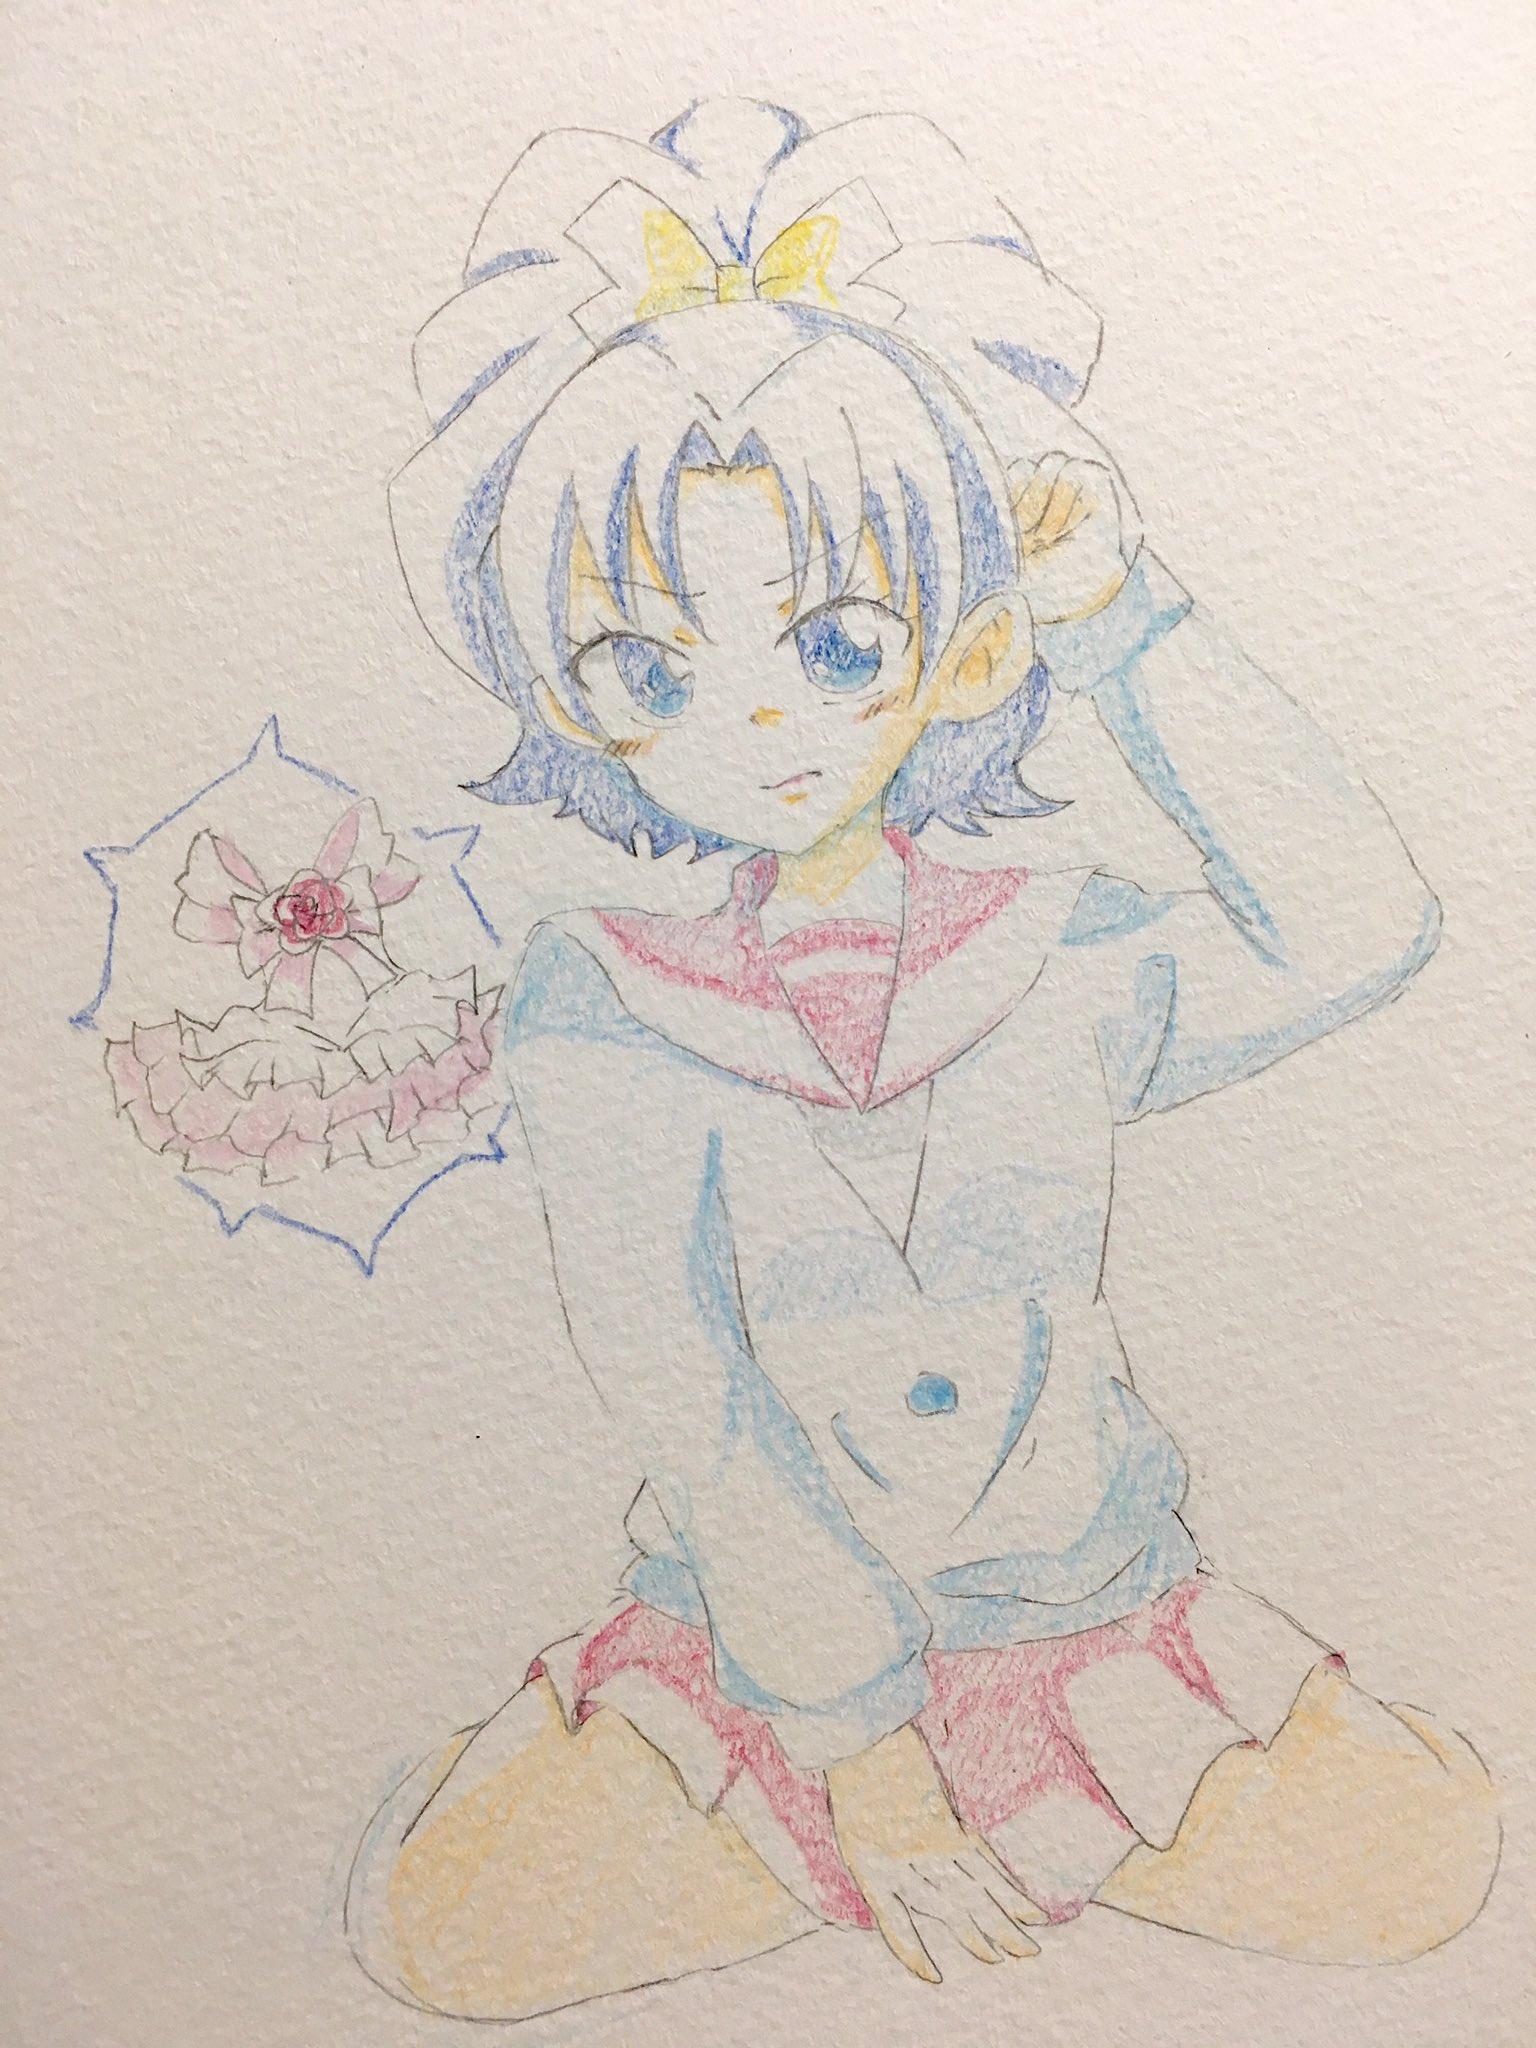 ちぇろん@お題箱 (@cheron_0528)さんのイラスト